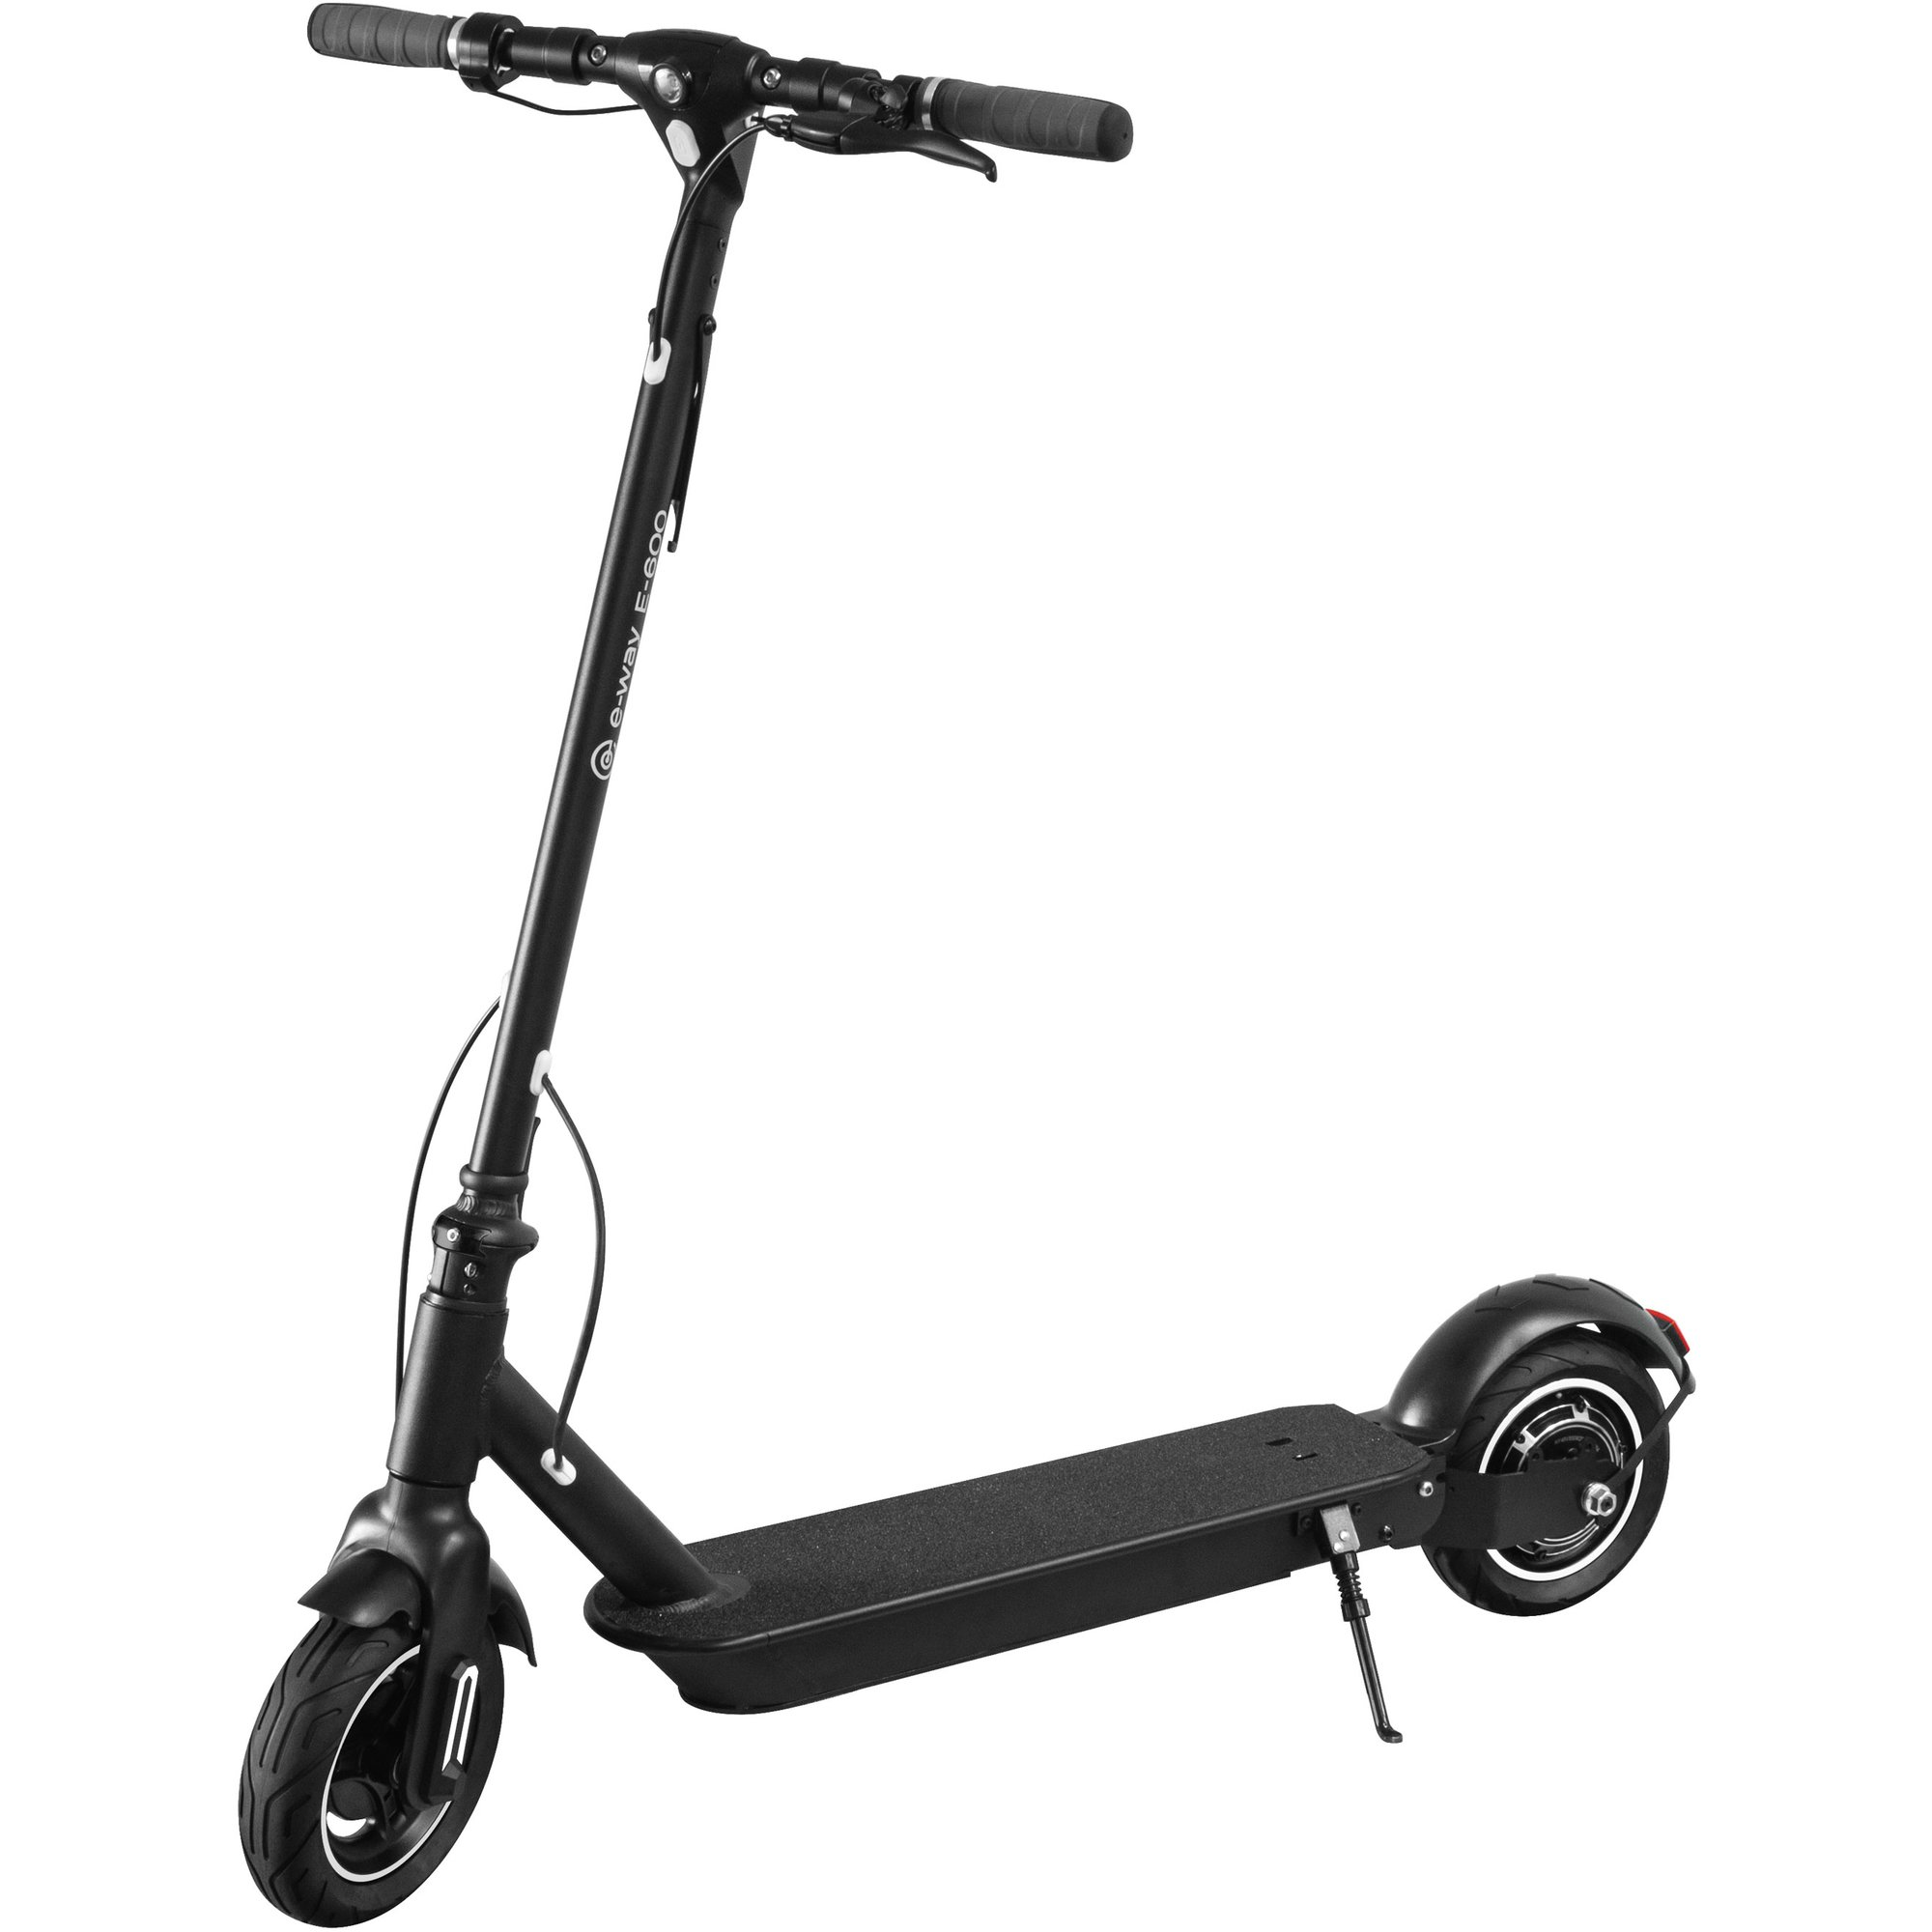 E-Way 600 elscooter